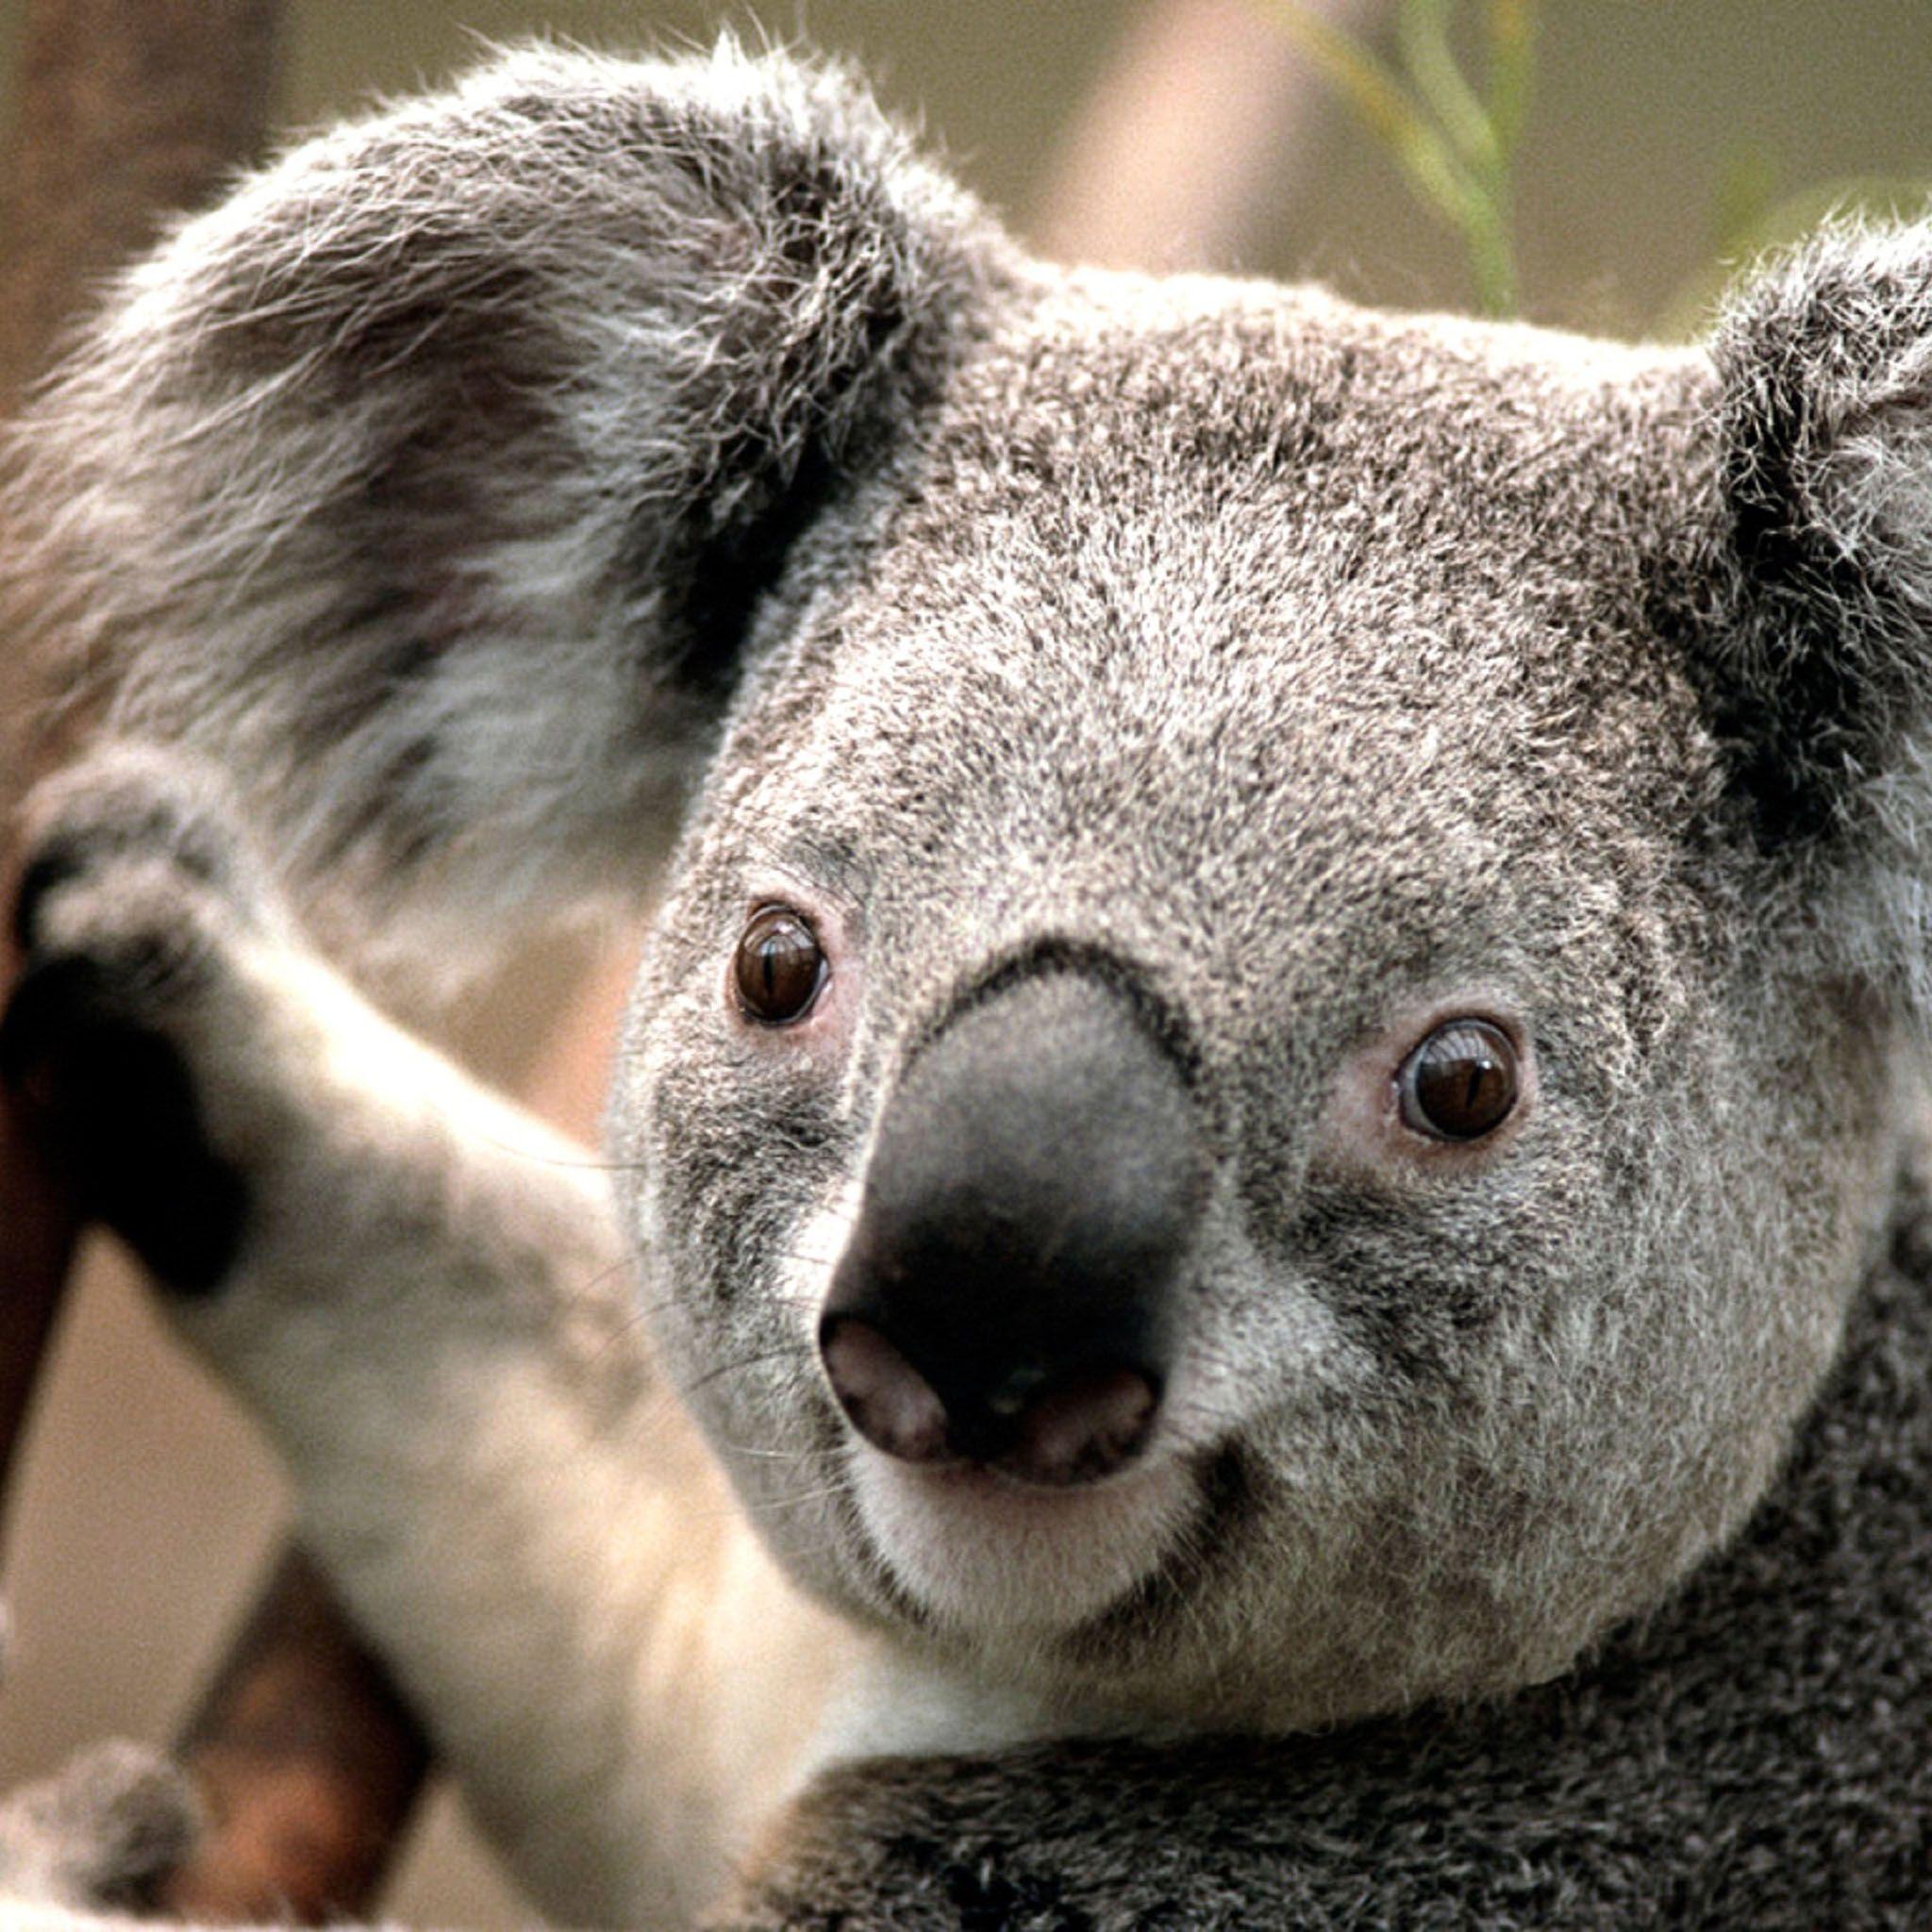 Amazing Koala Bear Chubby Adorable Dog - 00ad5ed7a84fe92c16e60837a7570cbd  Photograph_512569  .jpg